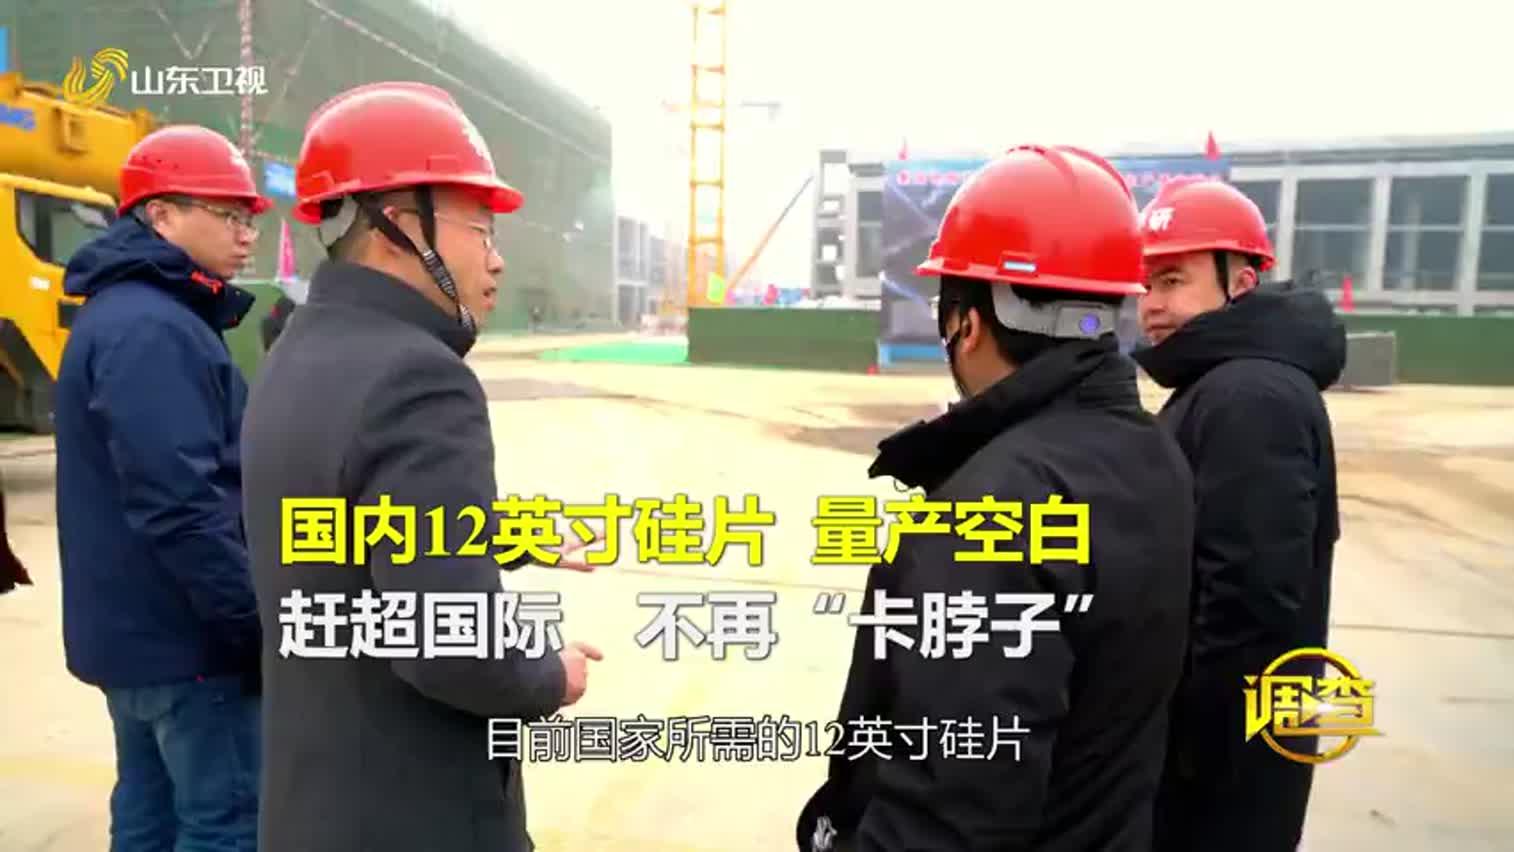 新旧动能转换重大工程全面开展后,山东每年确定一批省级重点项目